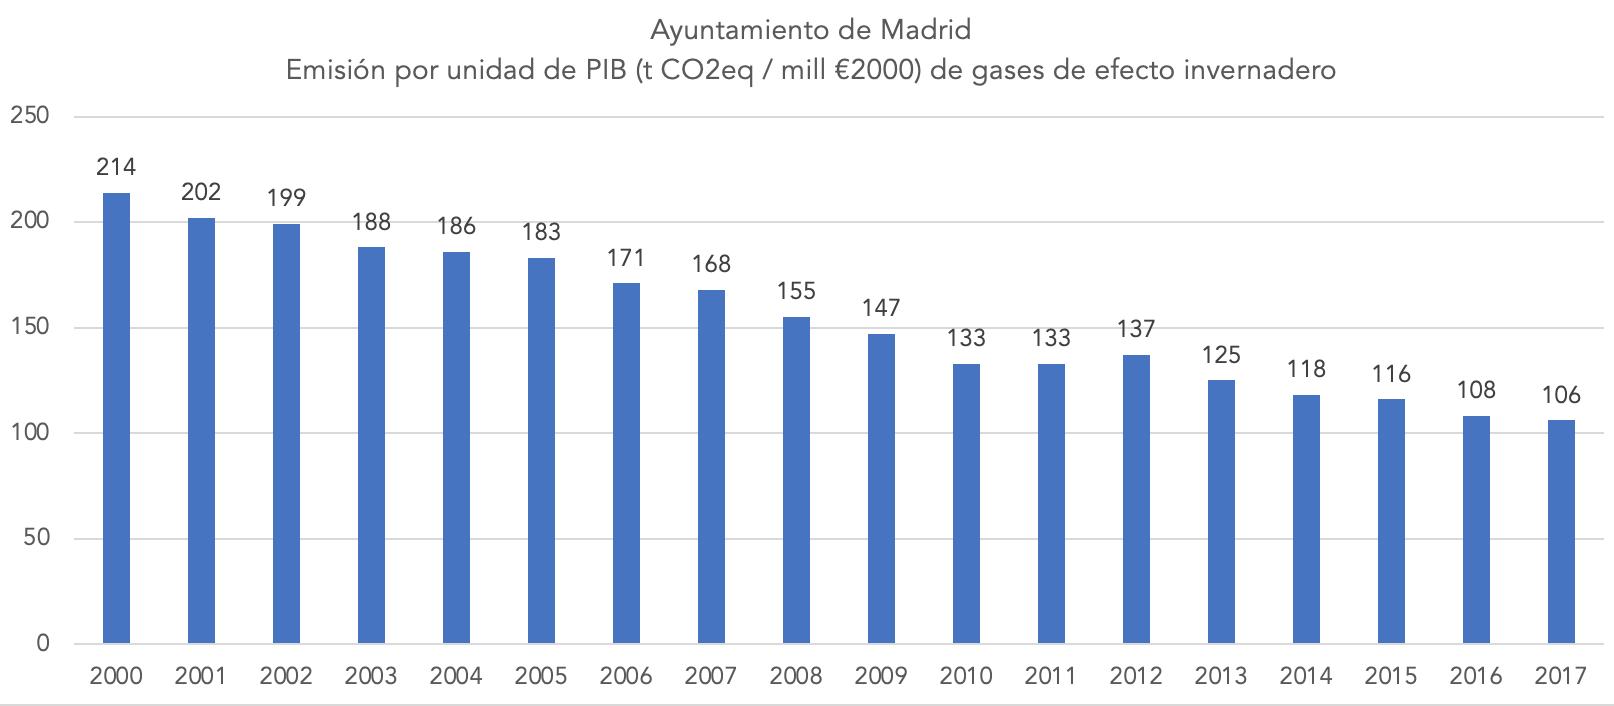 4-emisiones-por-pib-ayuntamiento-madrid-gases-efecto-invernadero.png